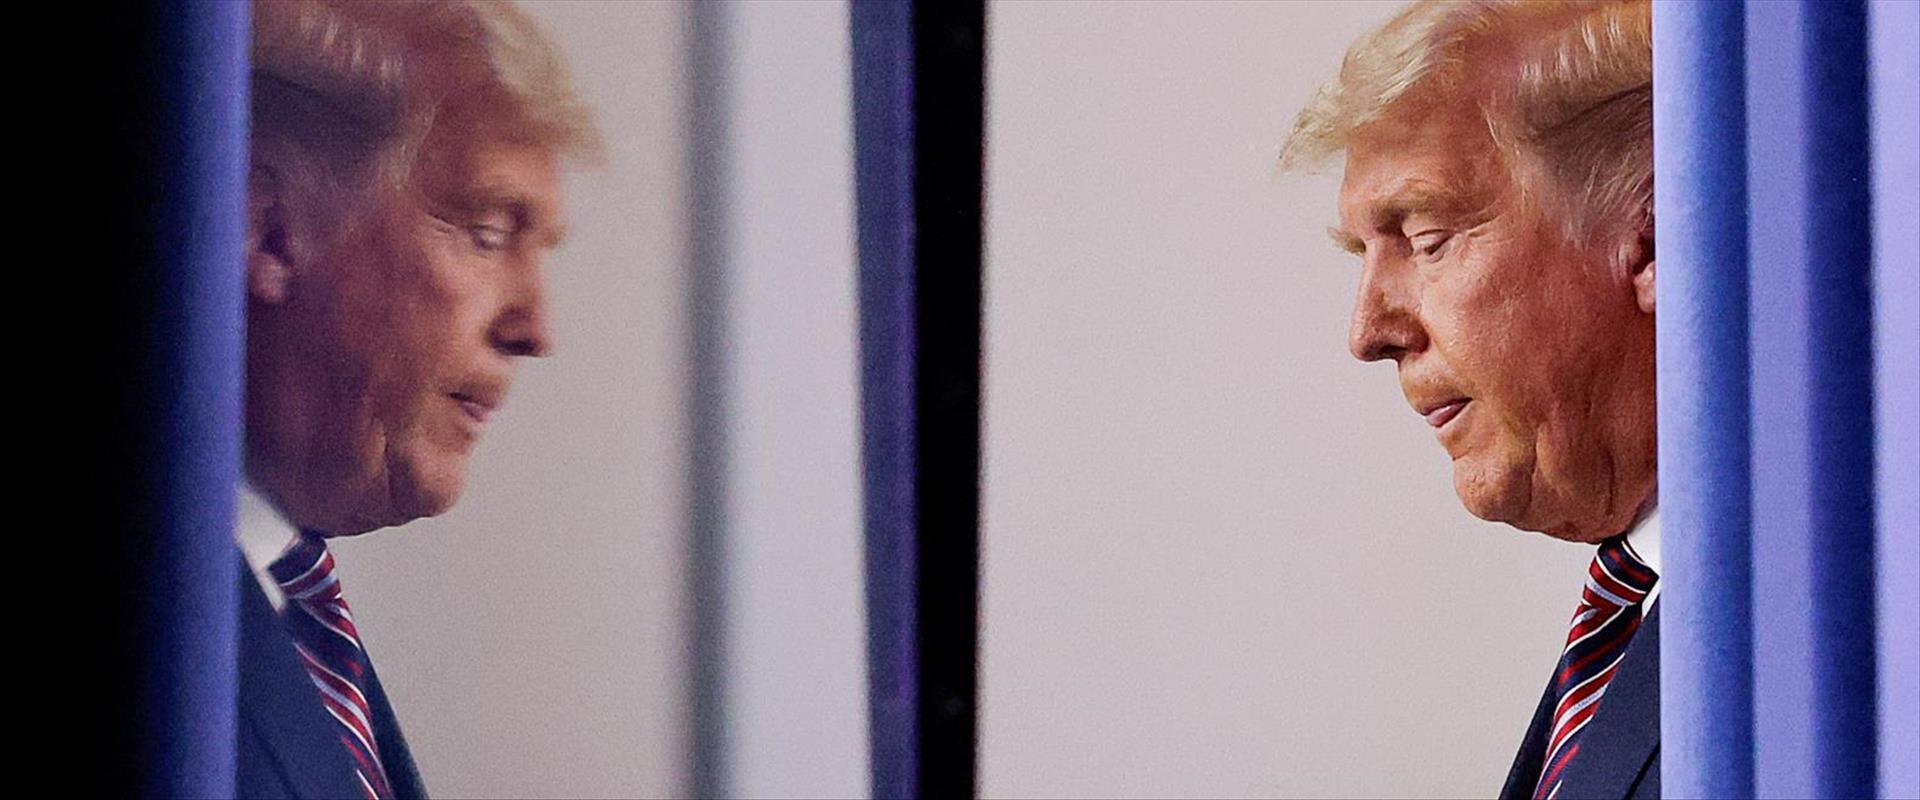 דונלד טראמפ בבית הלבן, אתמול